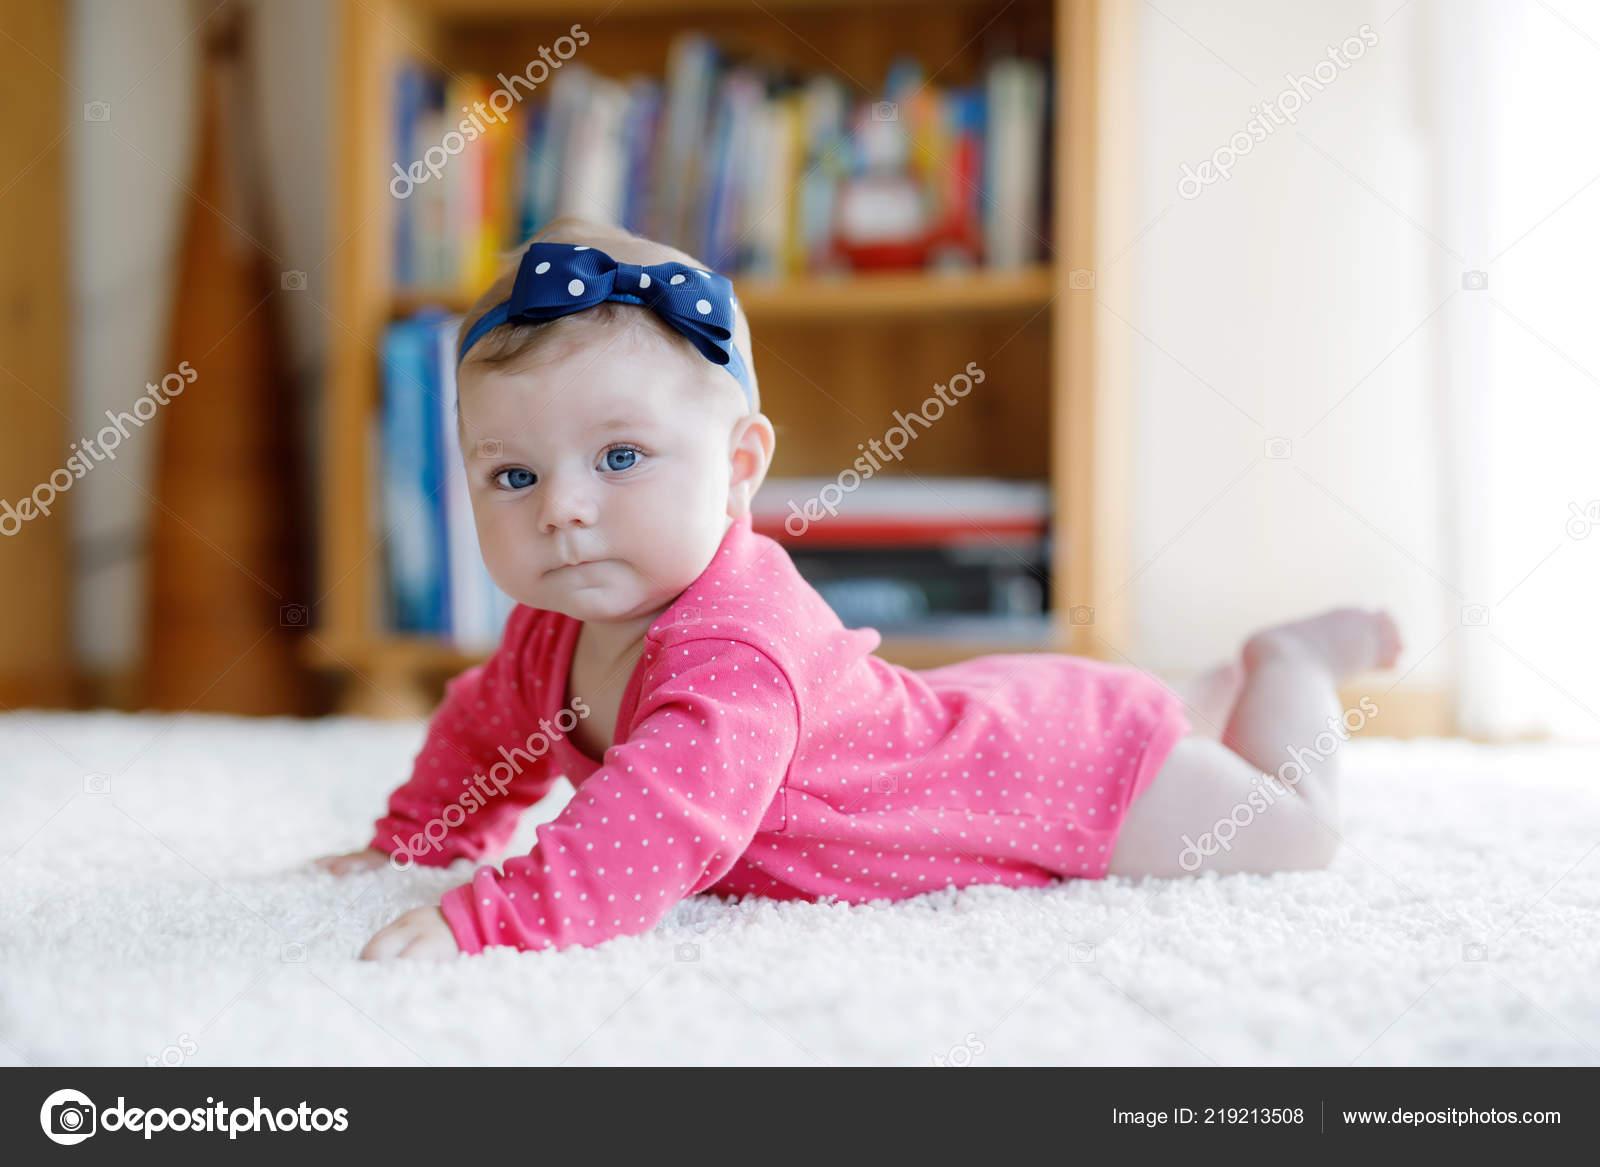 e5095dc417 Neonata con gli occhi azzurri che si trova sulla pancia. Asilo nido per  bambini. Tessile e biancheria da letto per bambini. Ragazza carina felice  del nuovo ...